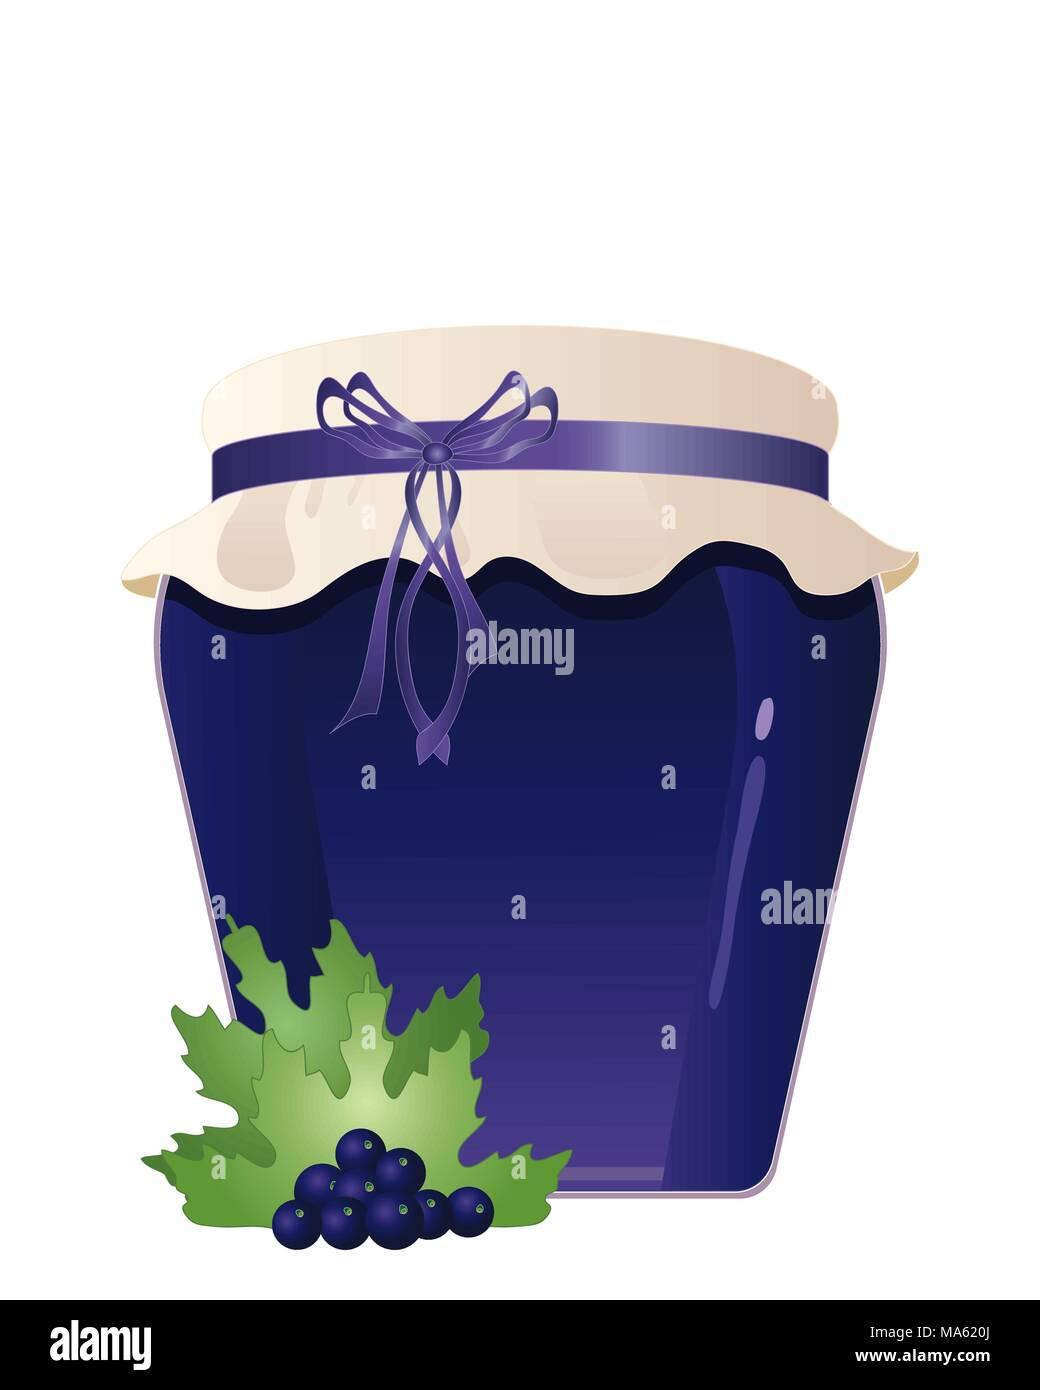 Una illustrazione vettoriale in formato eps formato 10 di un vasetto di fatto in casa biologica marmellata di ribes nero con un coperchio di Hesse decorazione di frutta e la prua isolato Immagini Stock